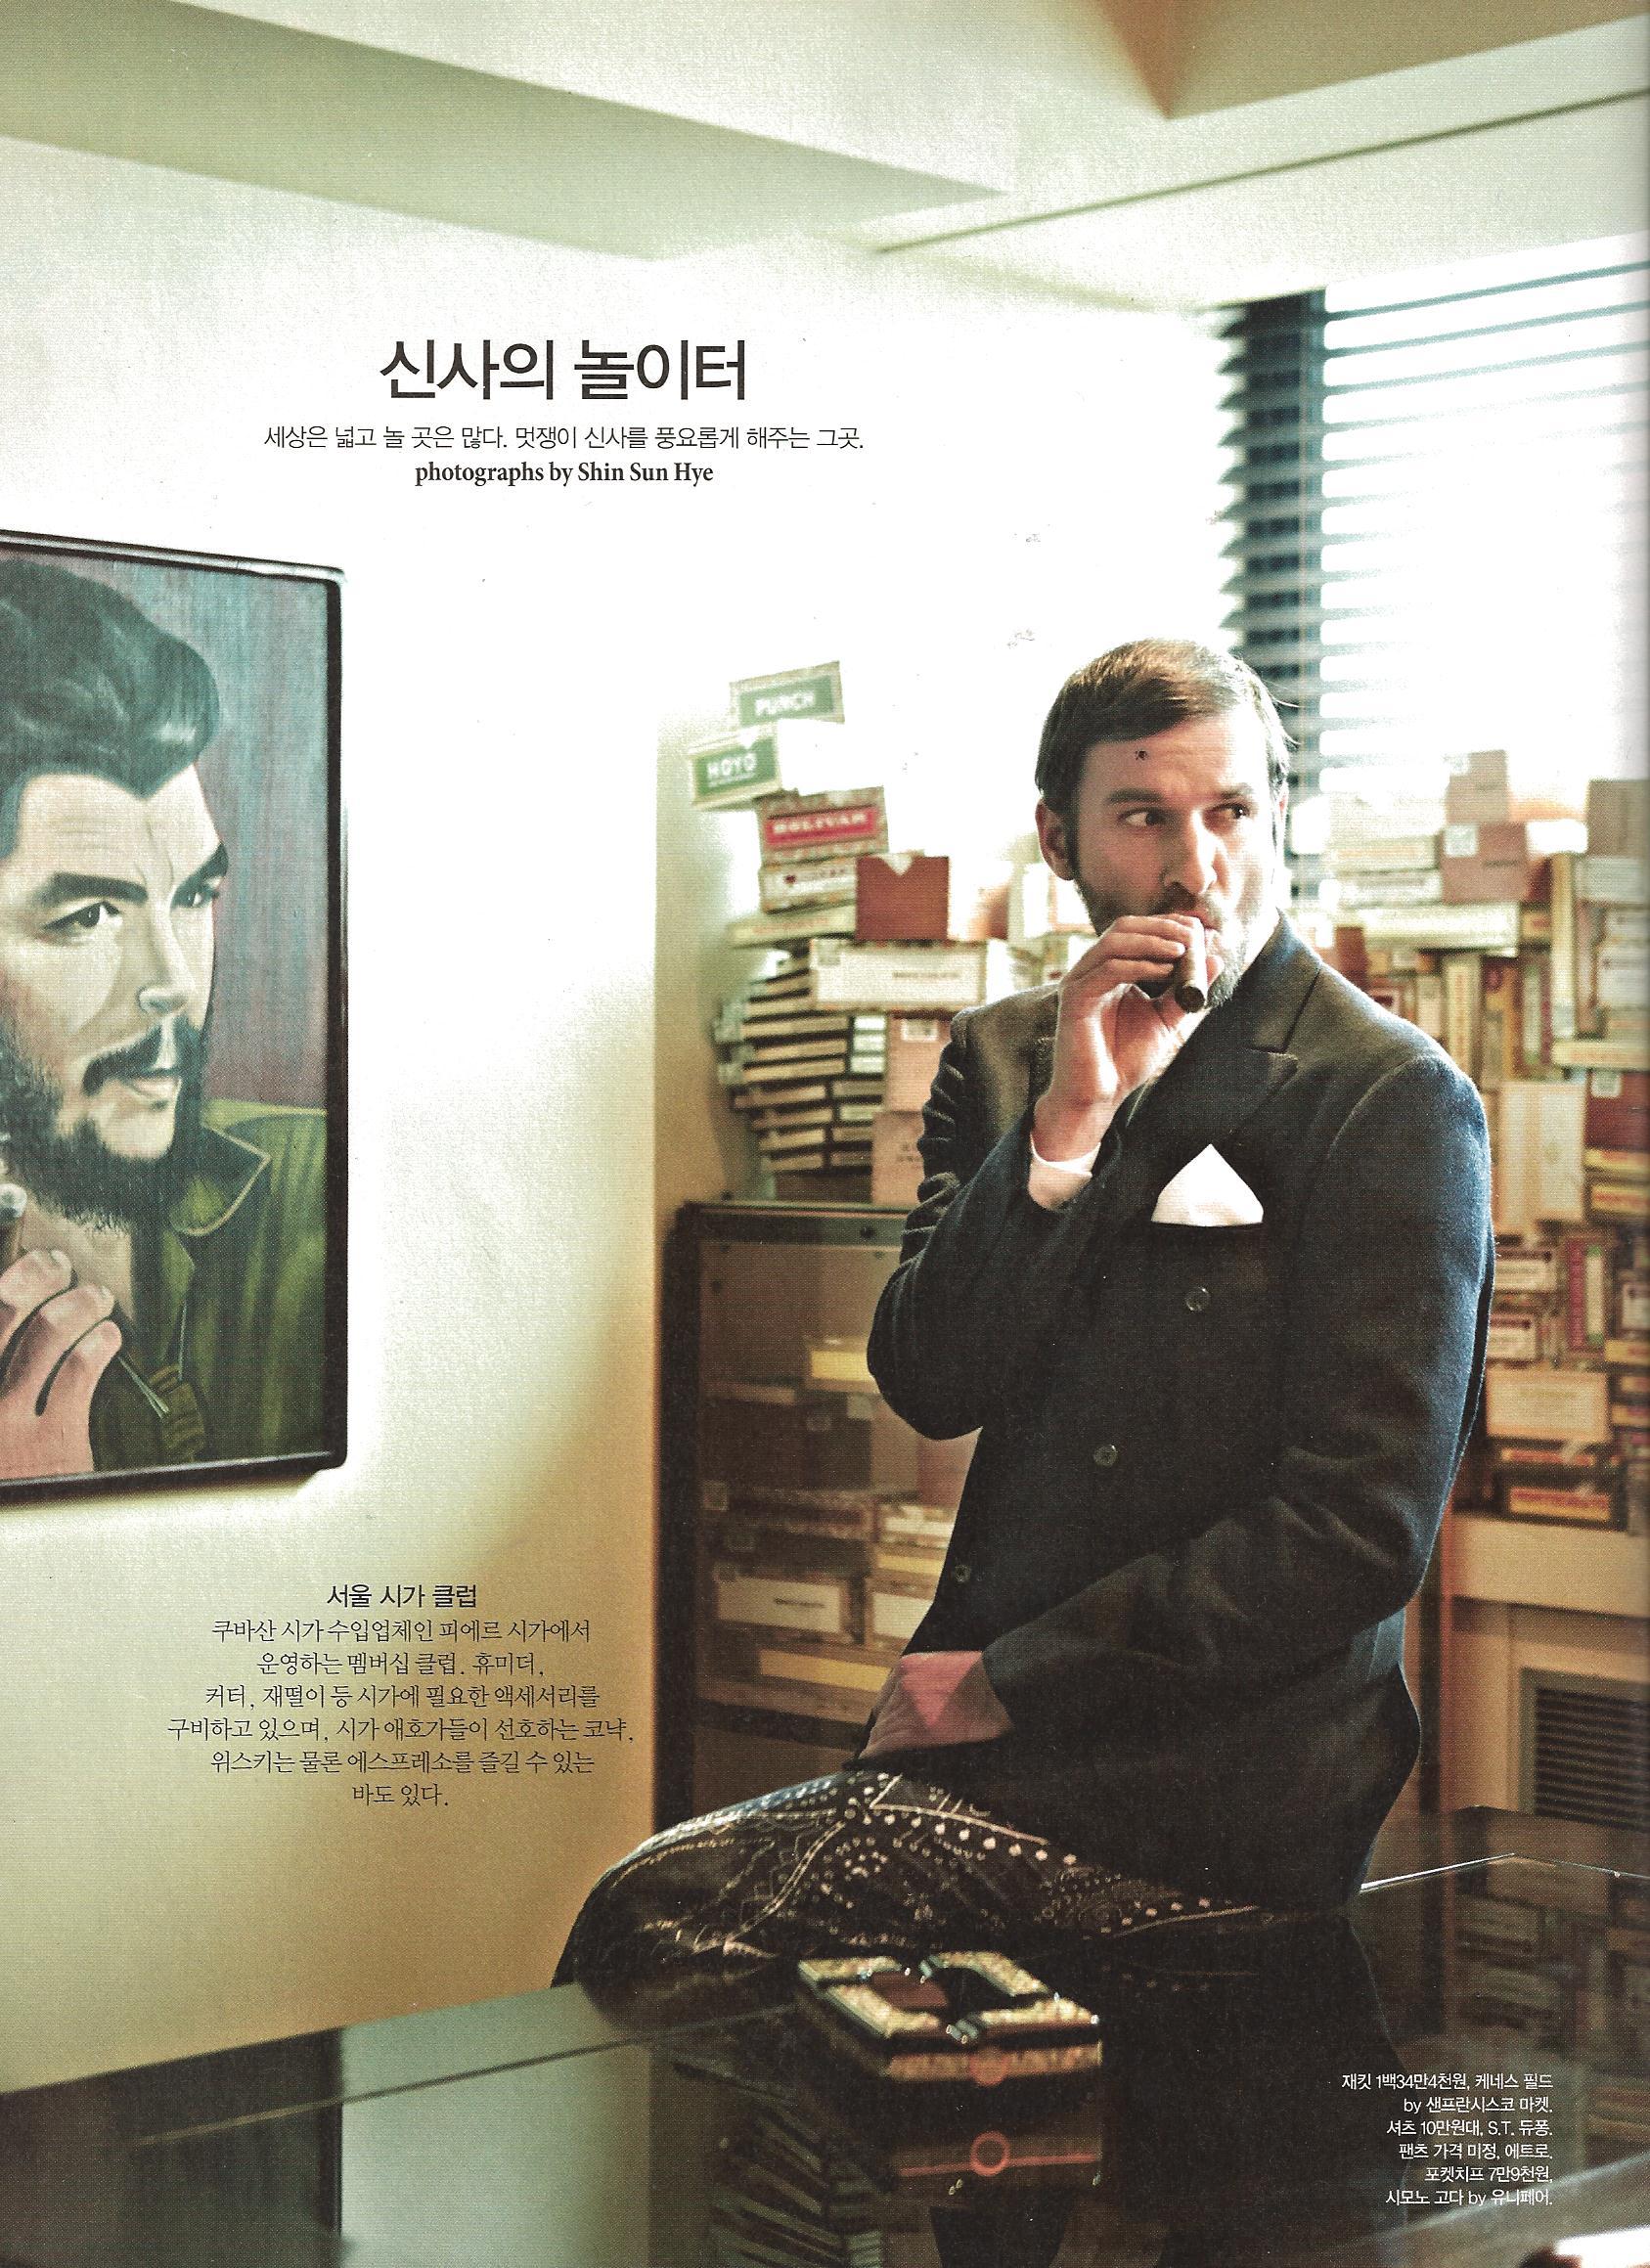 2013-1 Gentleman article 1.jpg